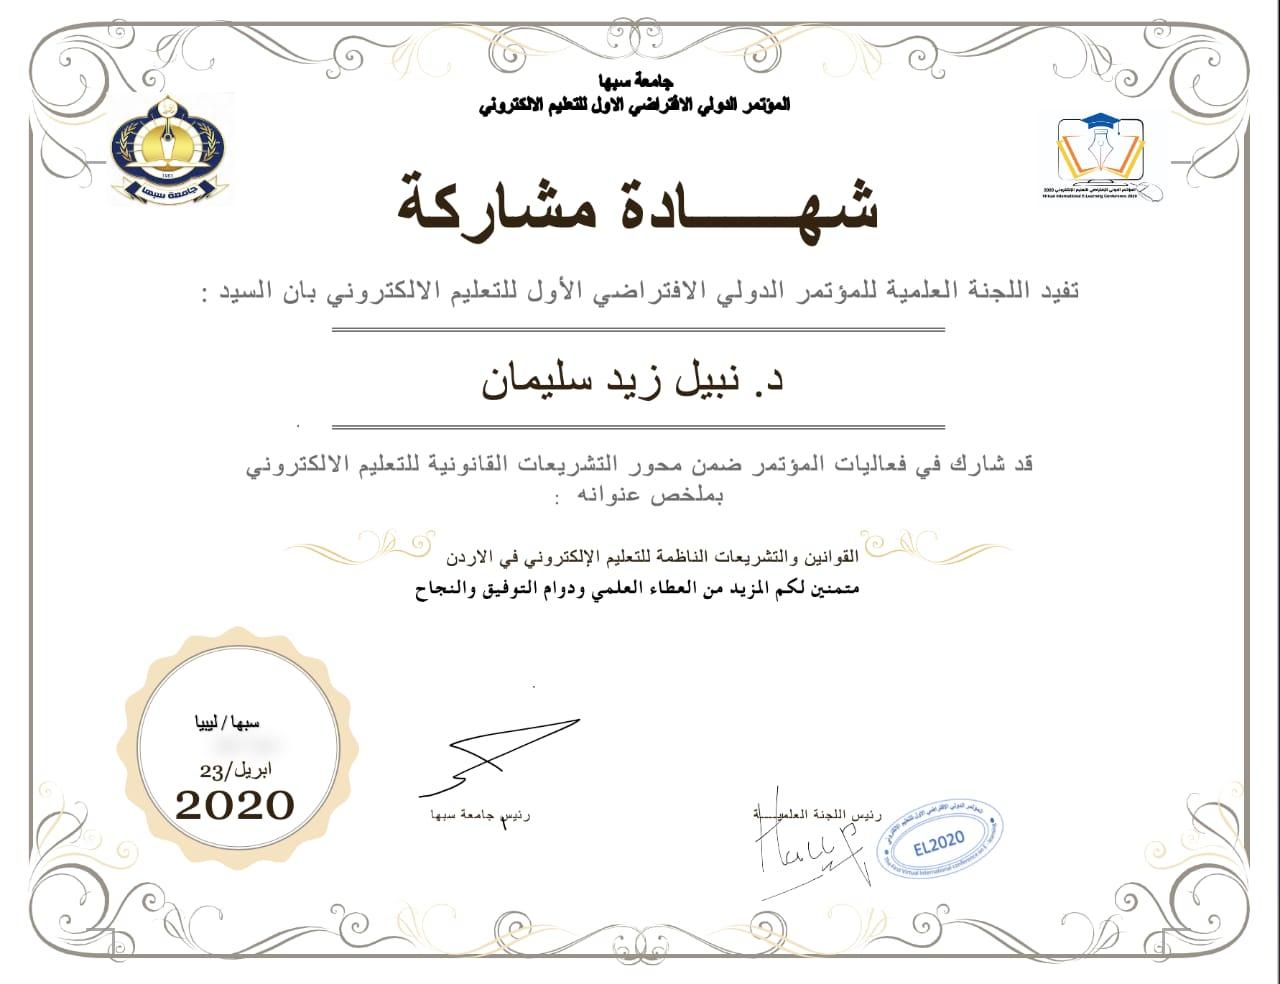 رسالة ادارية الى مدير الجامعة